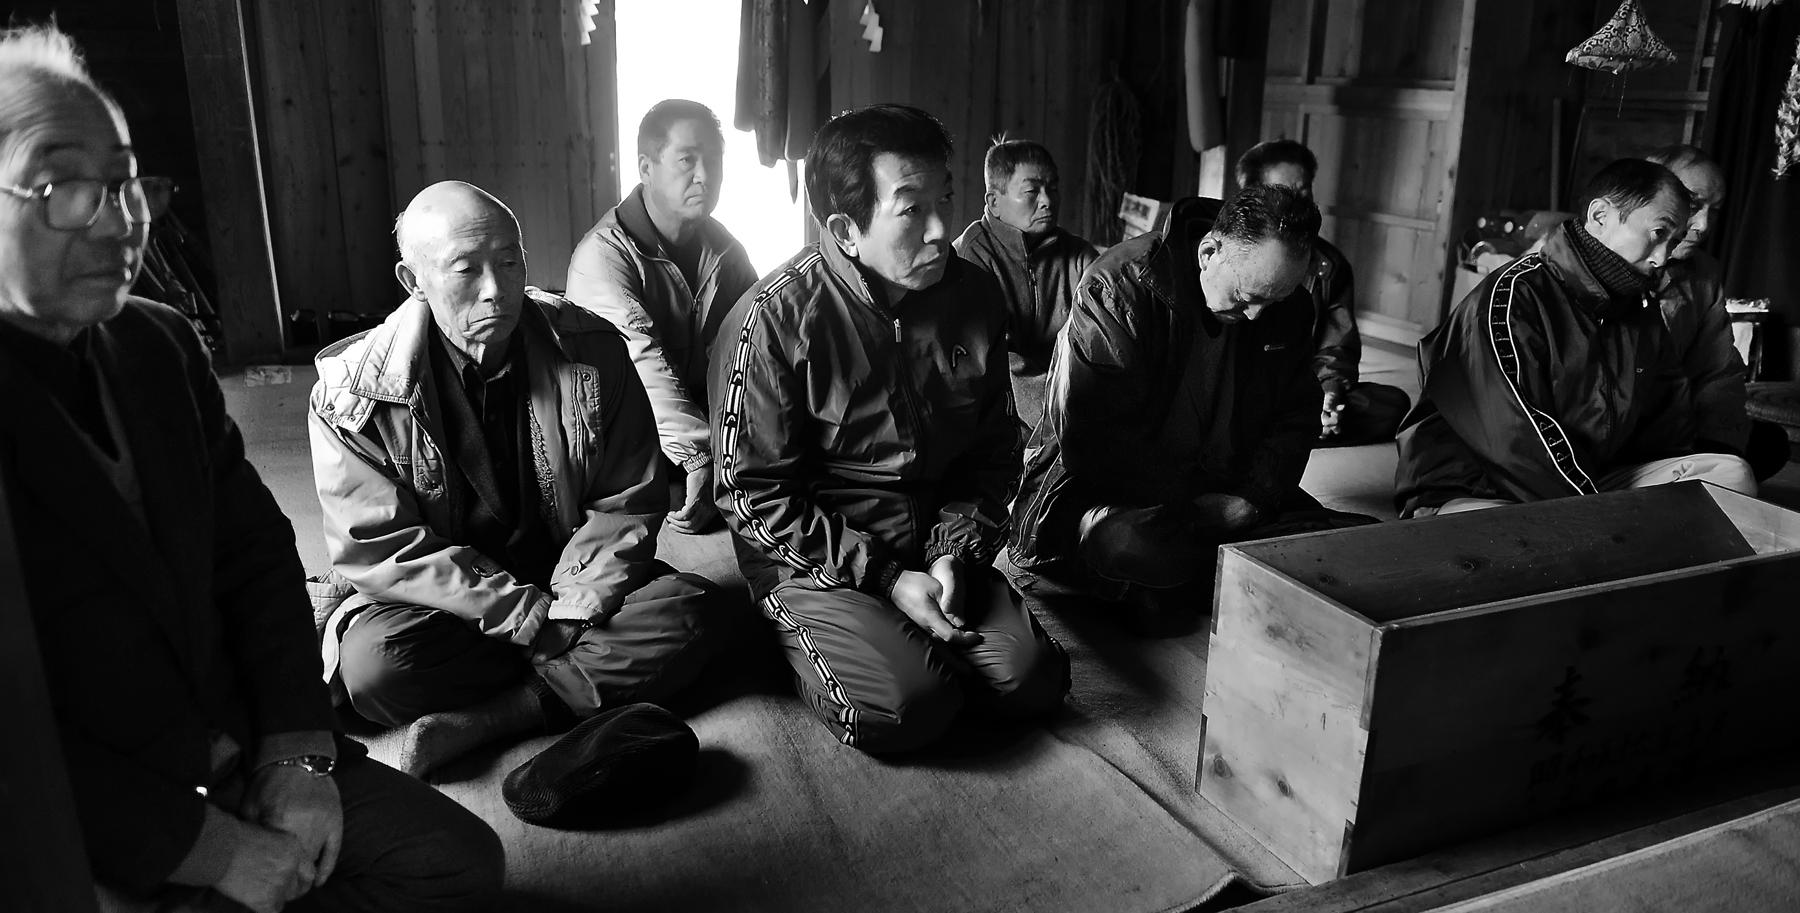 氷点下の朝、板の間の床に座って始まるのを待つ地区の方々